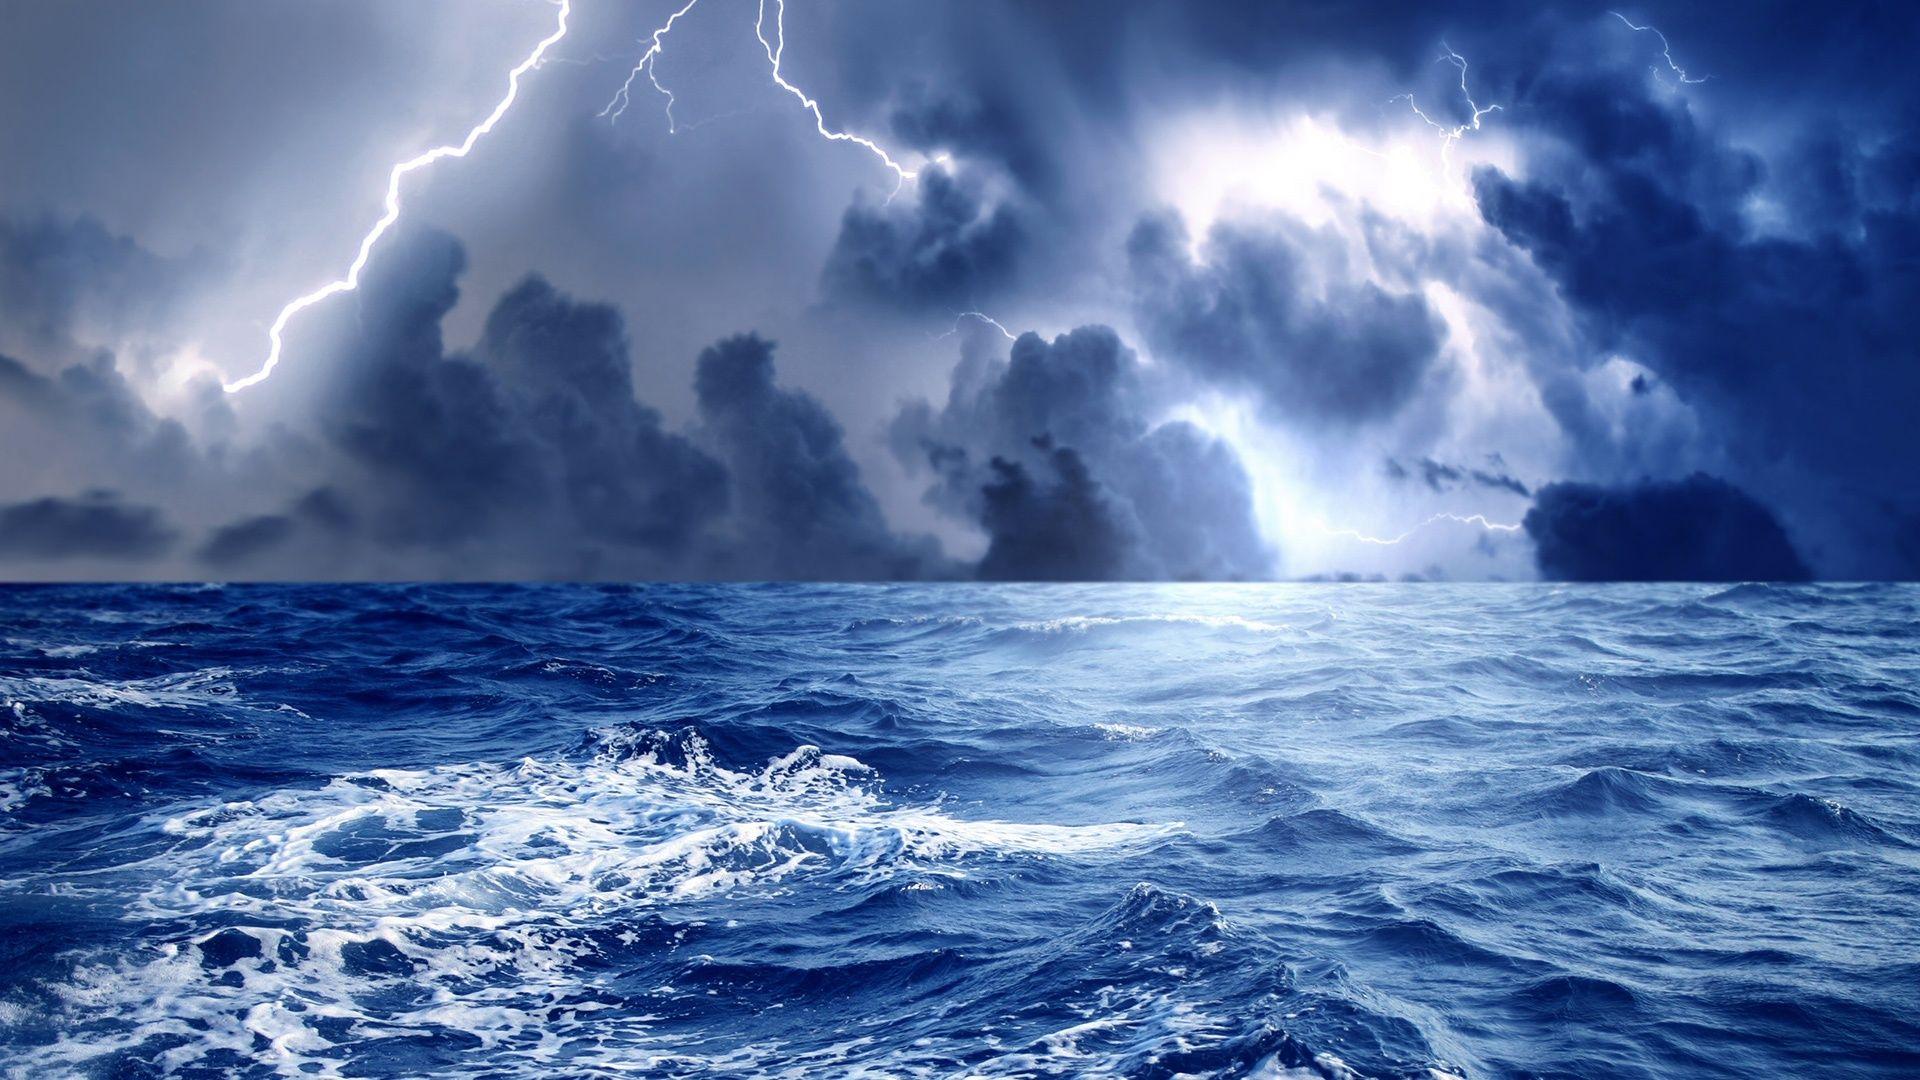 Hd Exciting Storm At Sea Wallpaper Download Free 52026 Sea Storm Storm Wallpaper Ocean Images